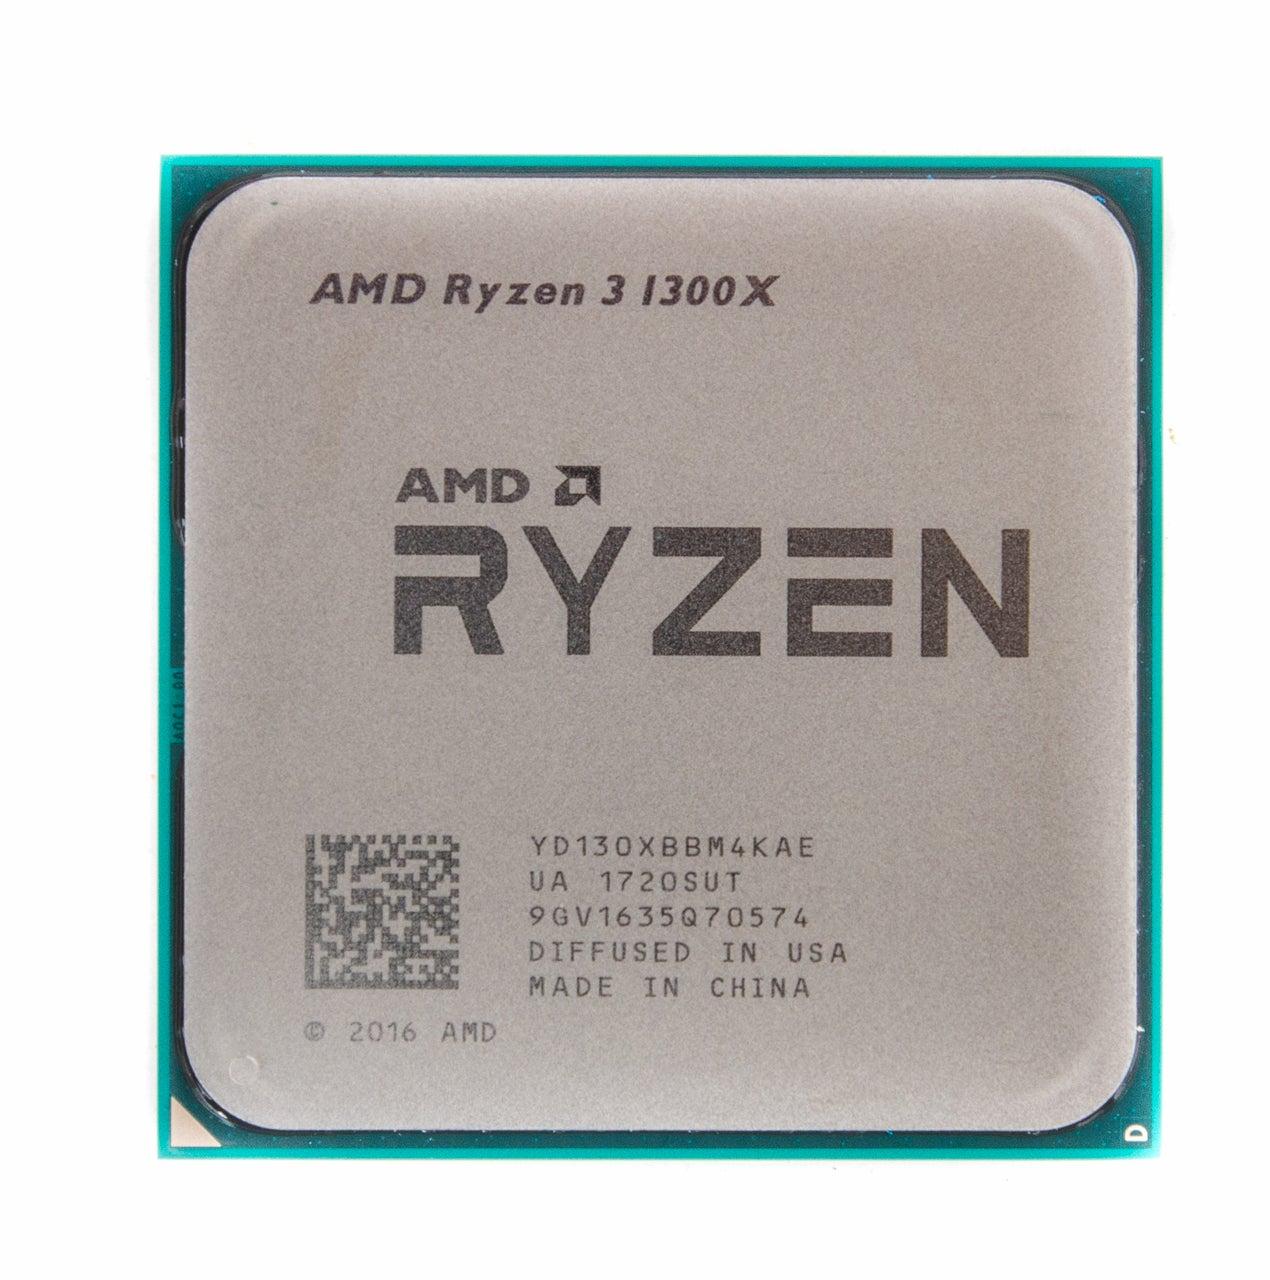 Best AMD Ryzen 3 1300X 3.7GHz Prices in Australia | GetPrice